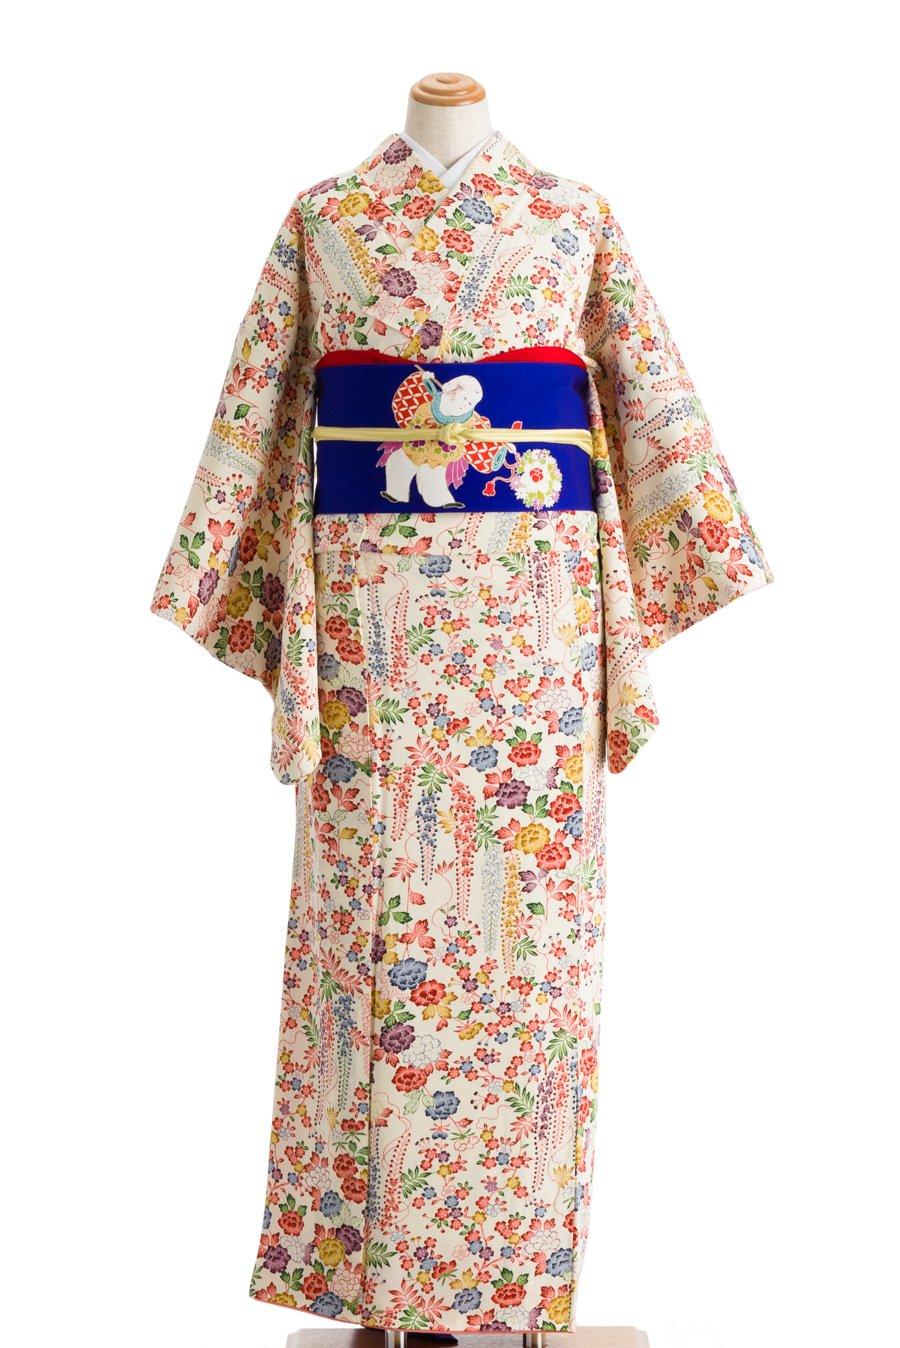 「白地に藤 牡丹 桜など」の商品画像